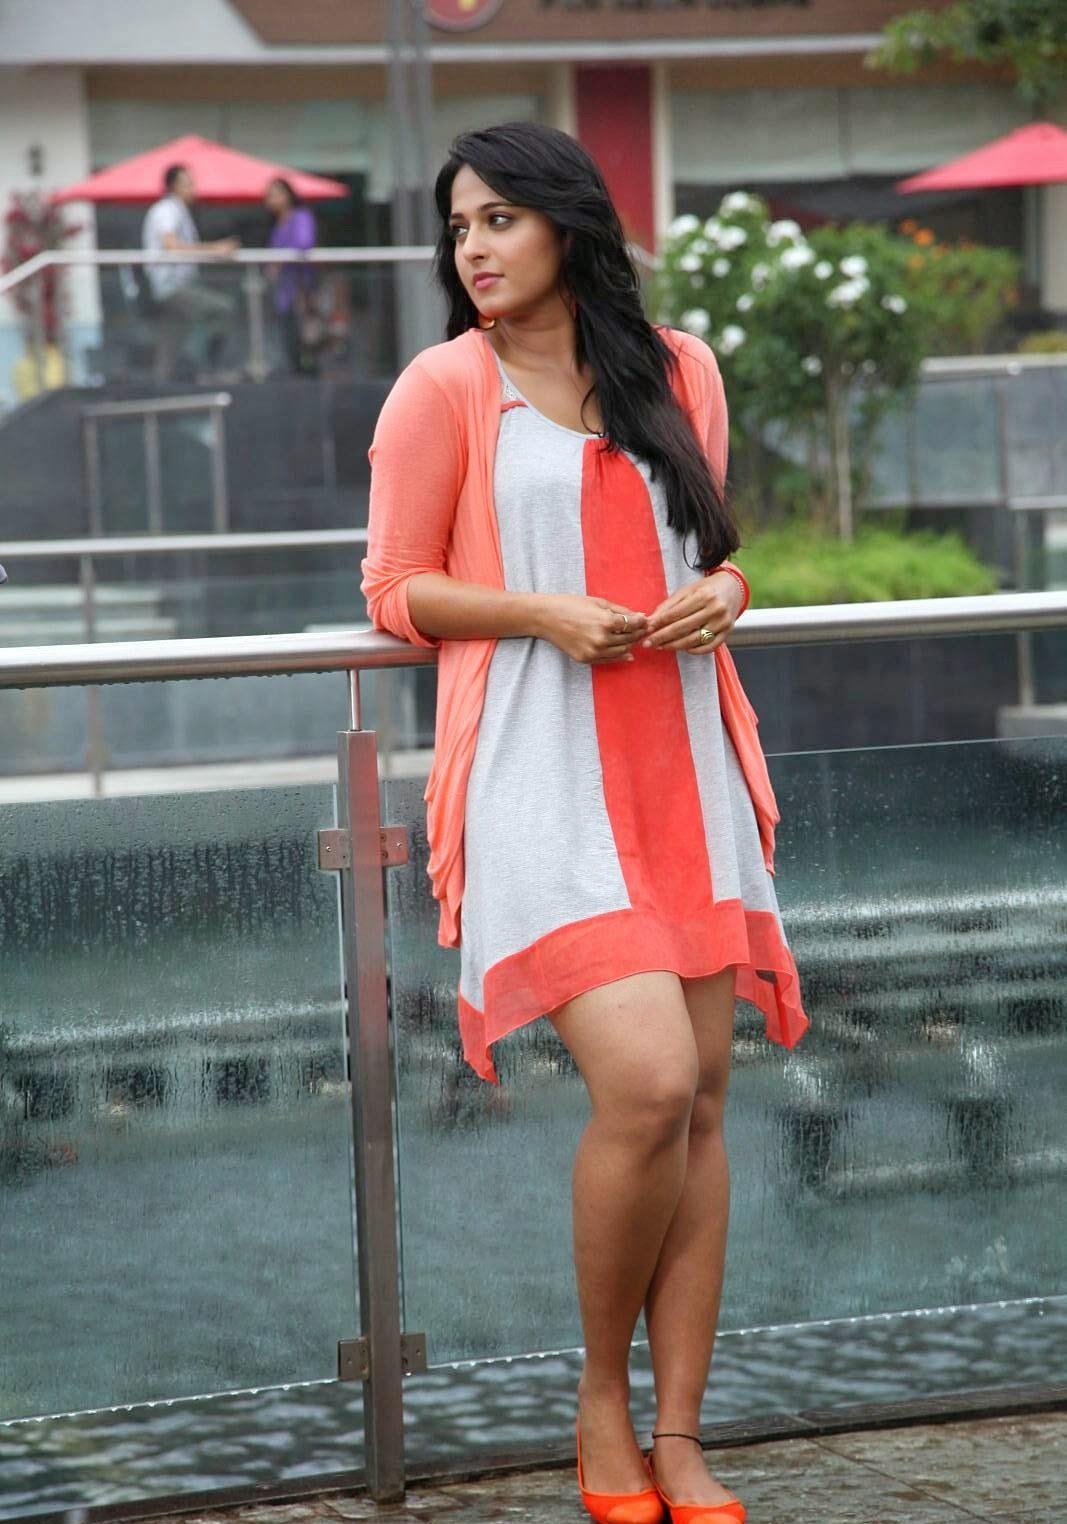 indian-girl-short-skirt